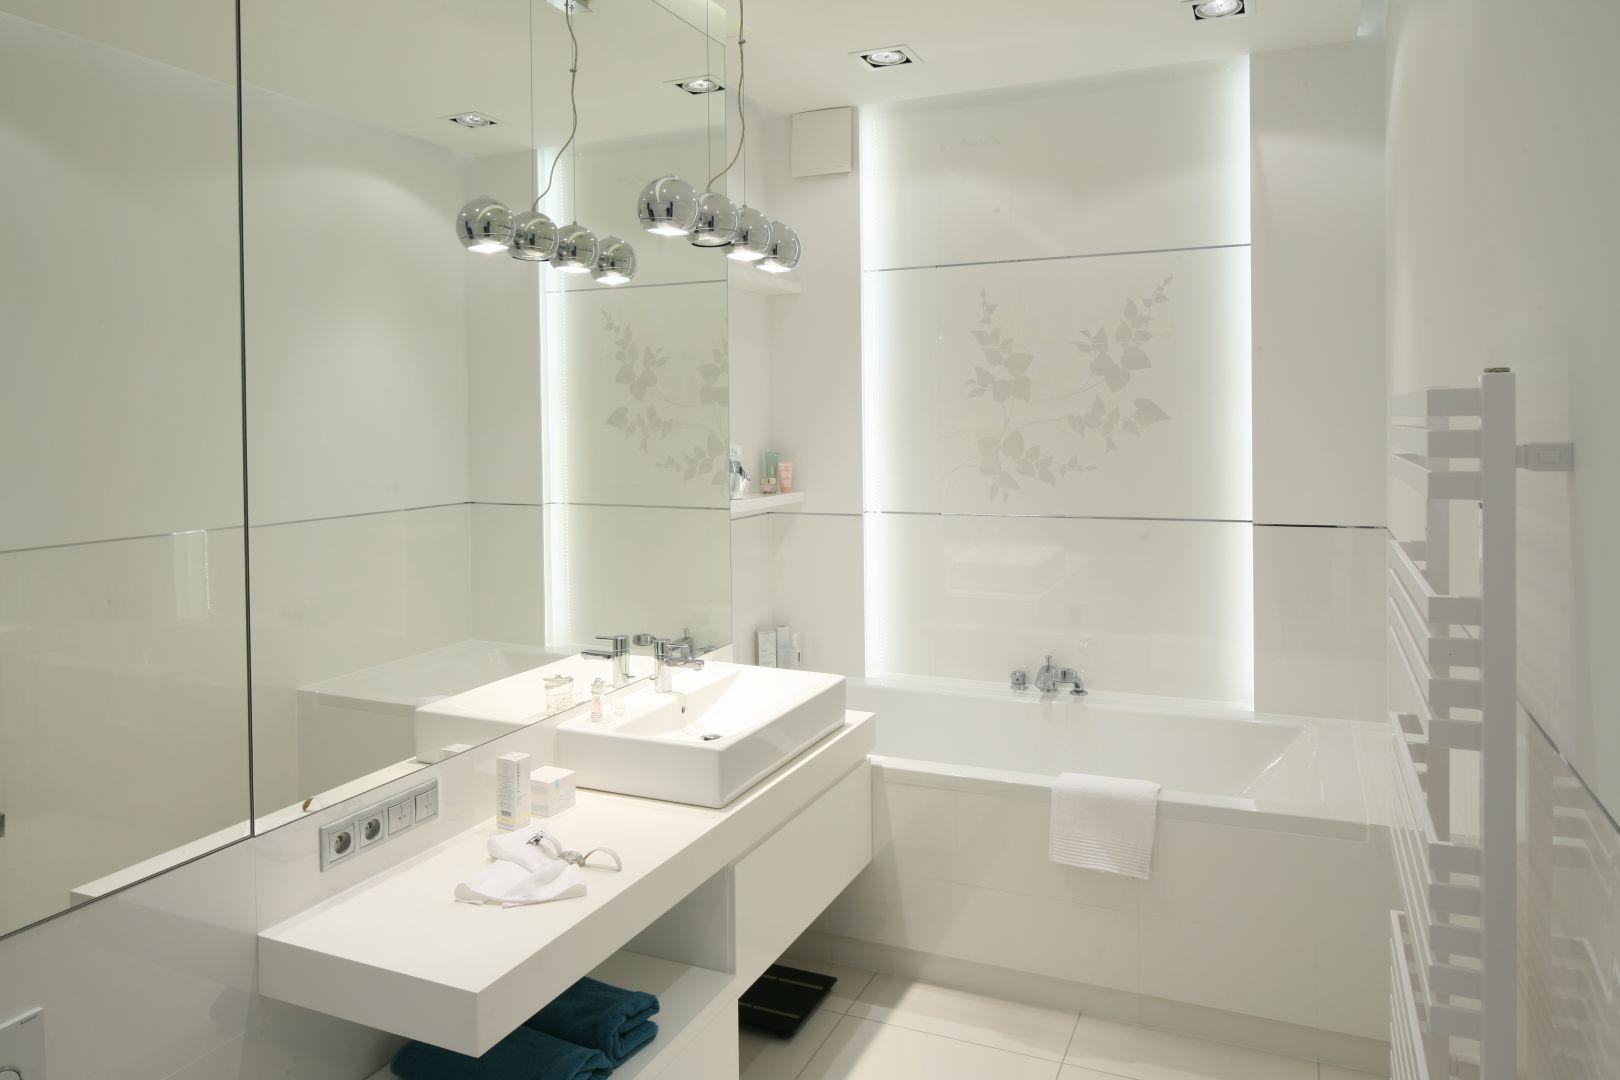 Łazienka urządzona całkowicie w bieli, z taśmami led podświetlającymi wnękę. Proj. Anna Maria Sokołowska. Fot. Bartosz Jarosz